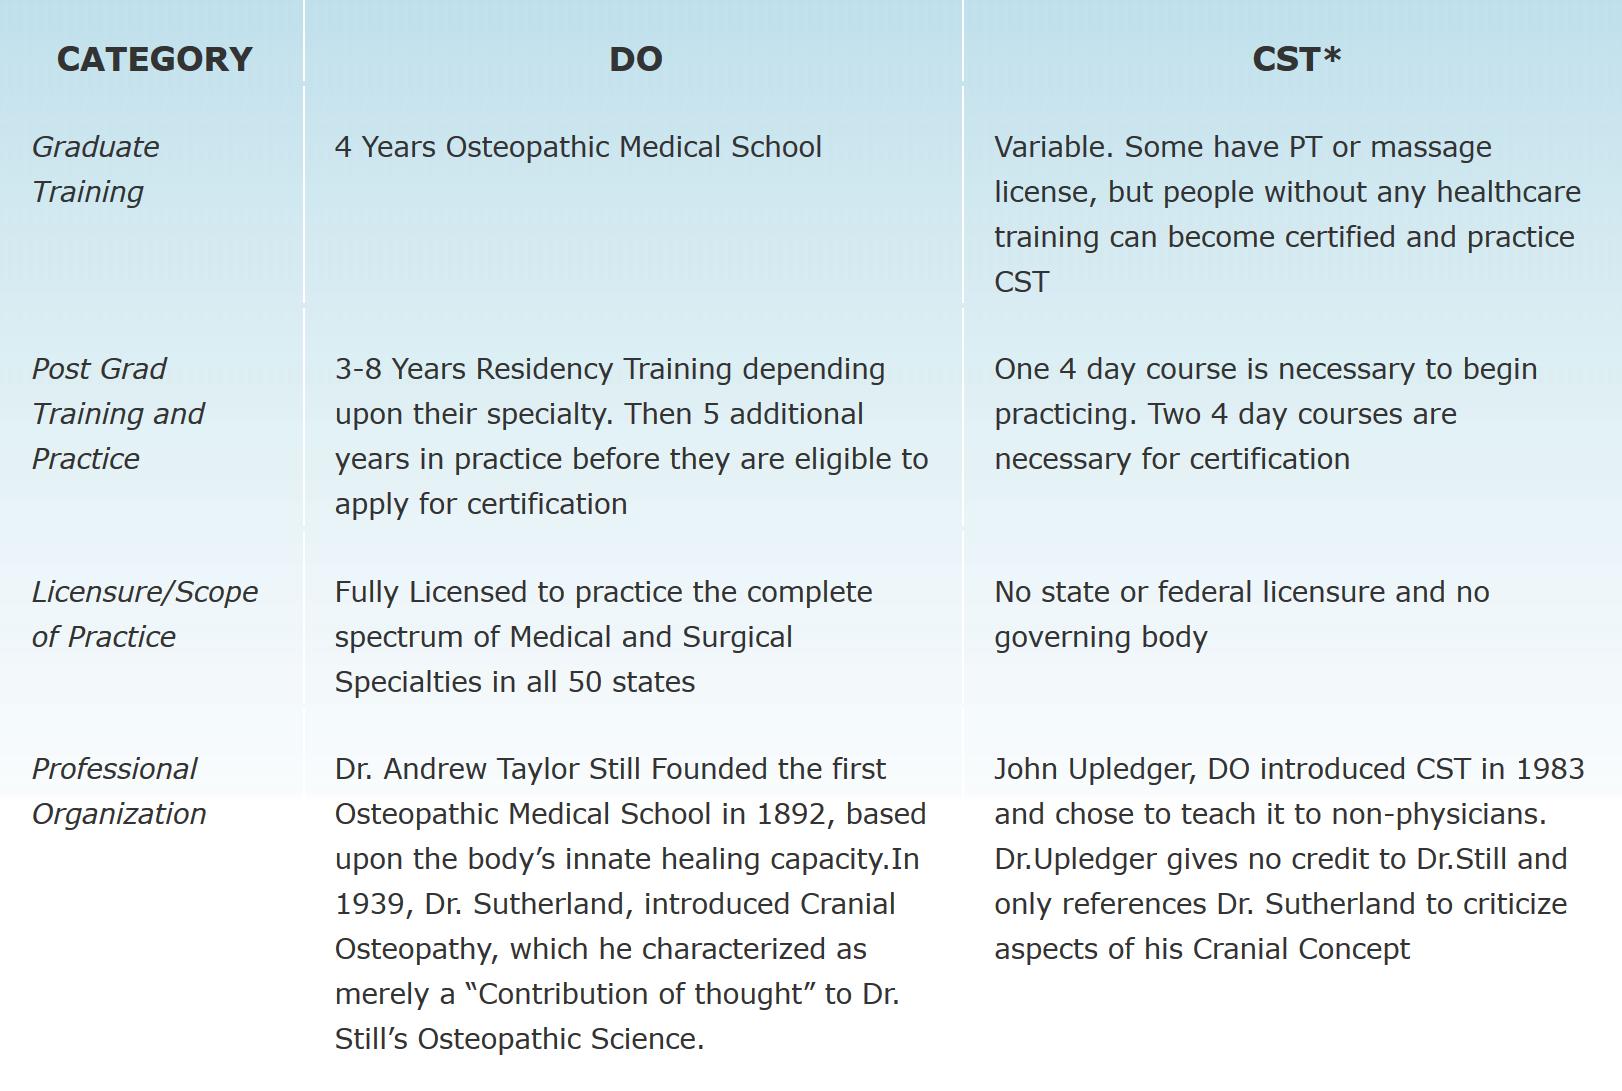 comparison-DO-CST